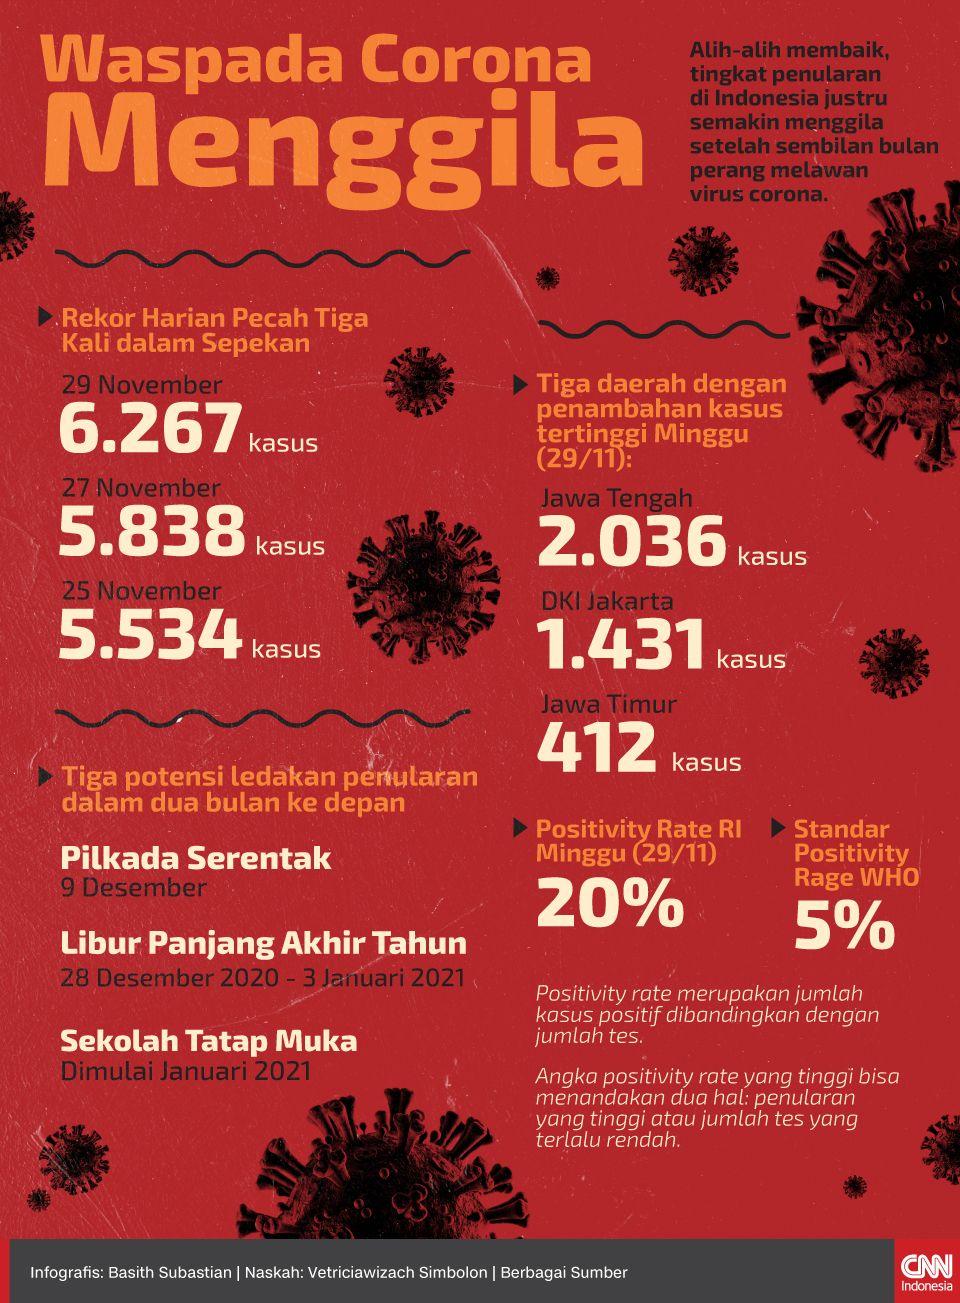 Infografis Waspada Corona Menggila